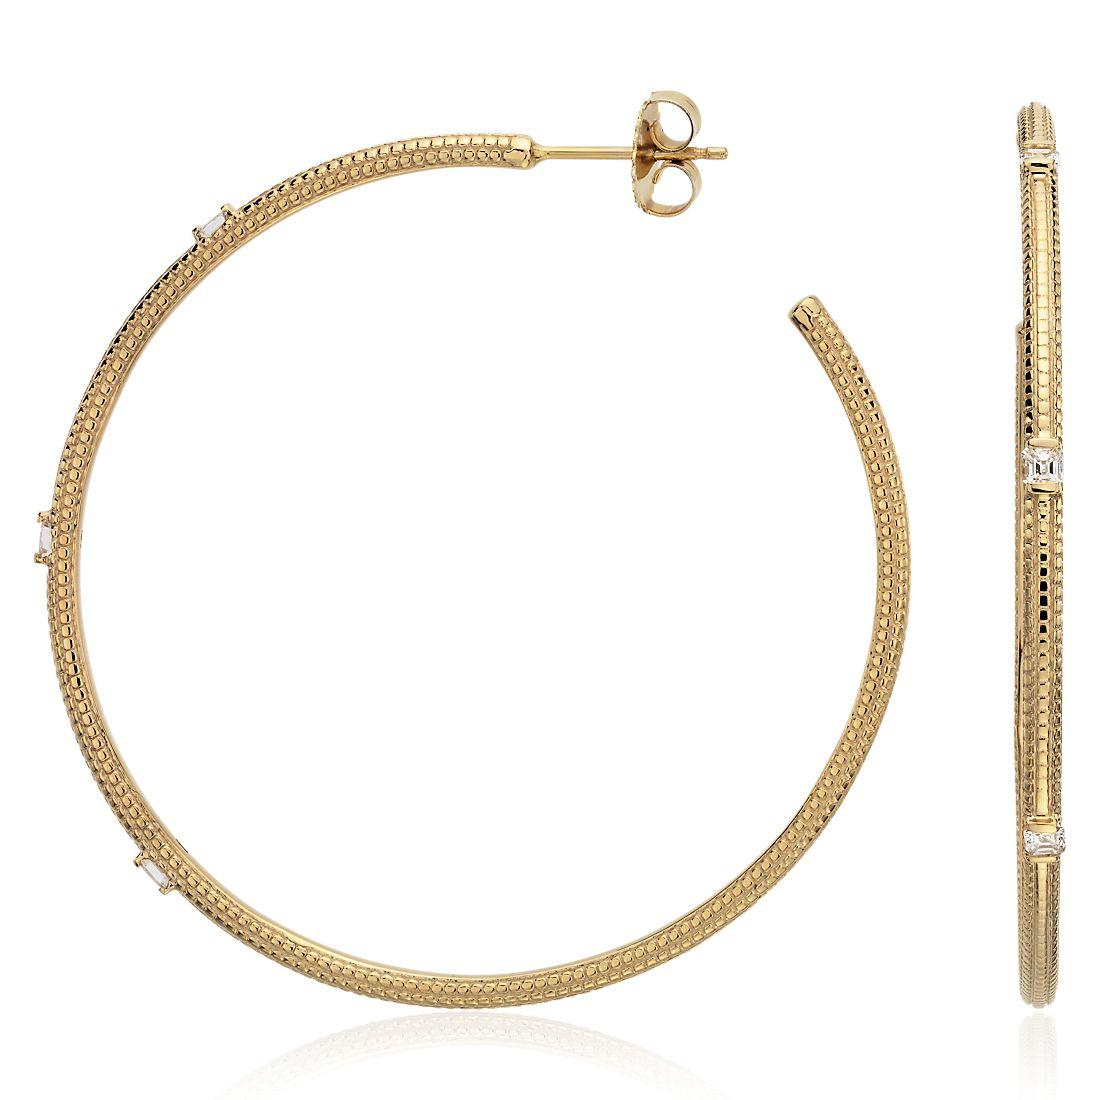 Brick Pattern Diamond Hoop Earrings in 14k Yellow Gold